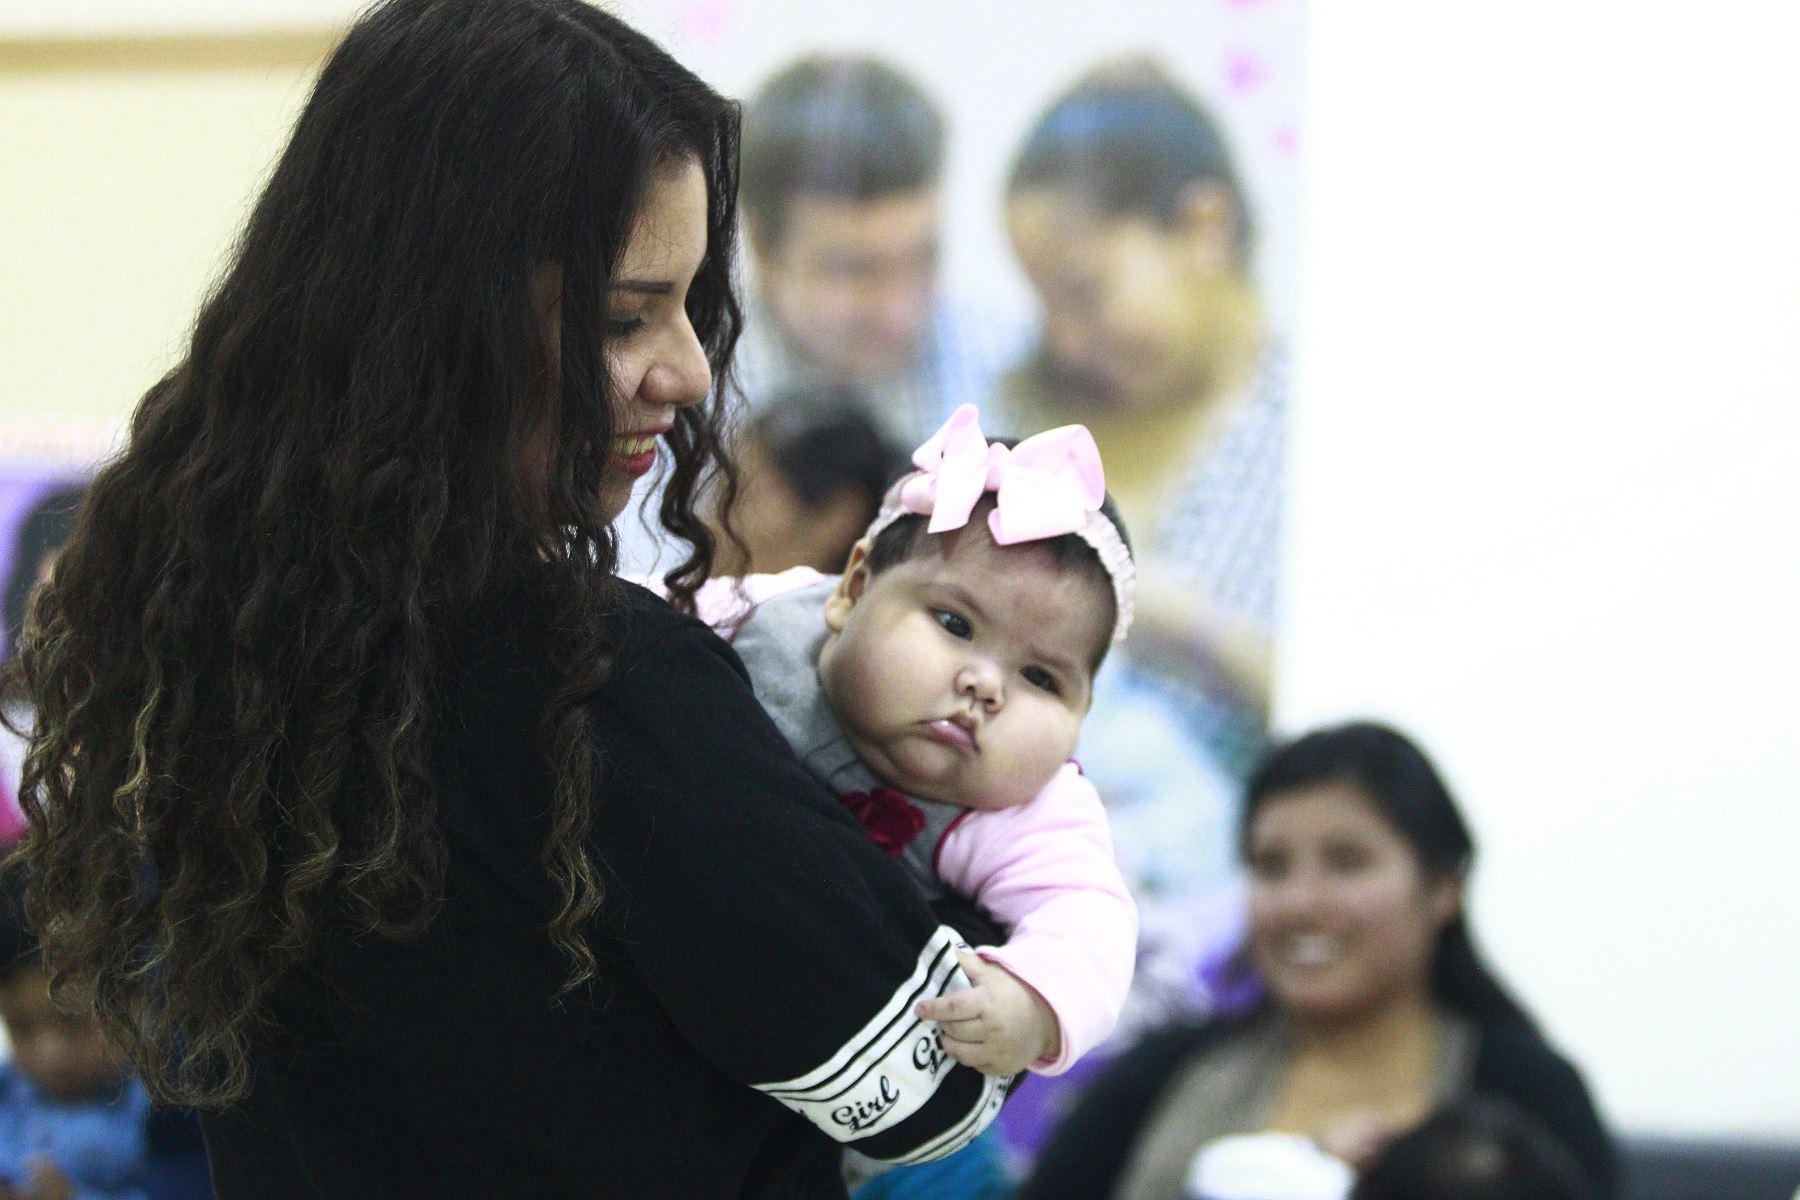 El Instituto Nacional Materno Perinatal ( INMP) presenta el circuito de preparación de la gestante para la lactancia materna , en el marco de la Semana de la Lactancia Materna en el Perú.Foto: ANDINA/Eddy Ramos